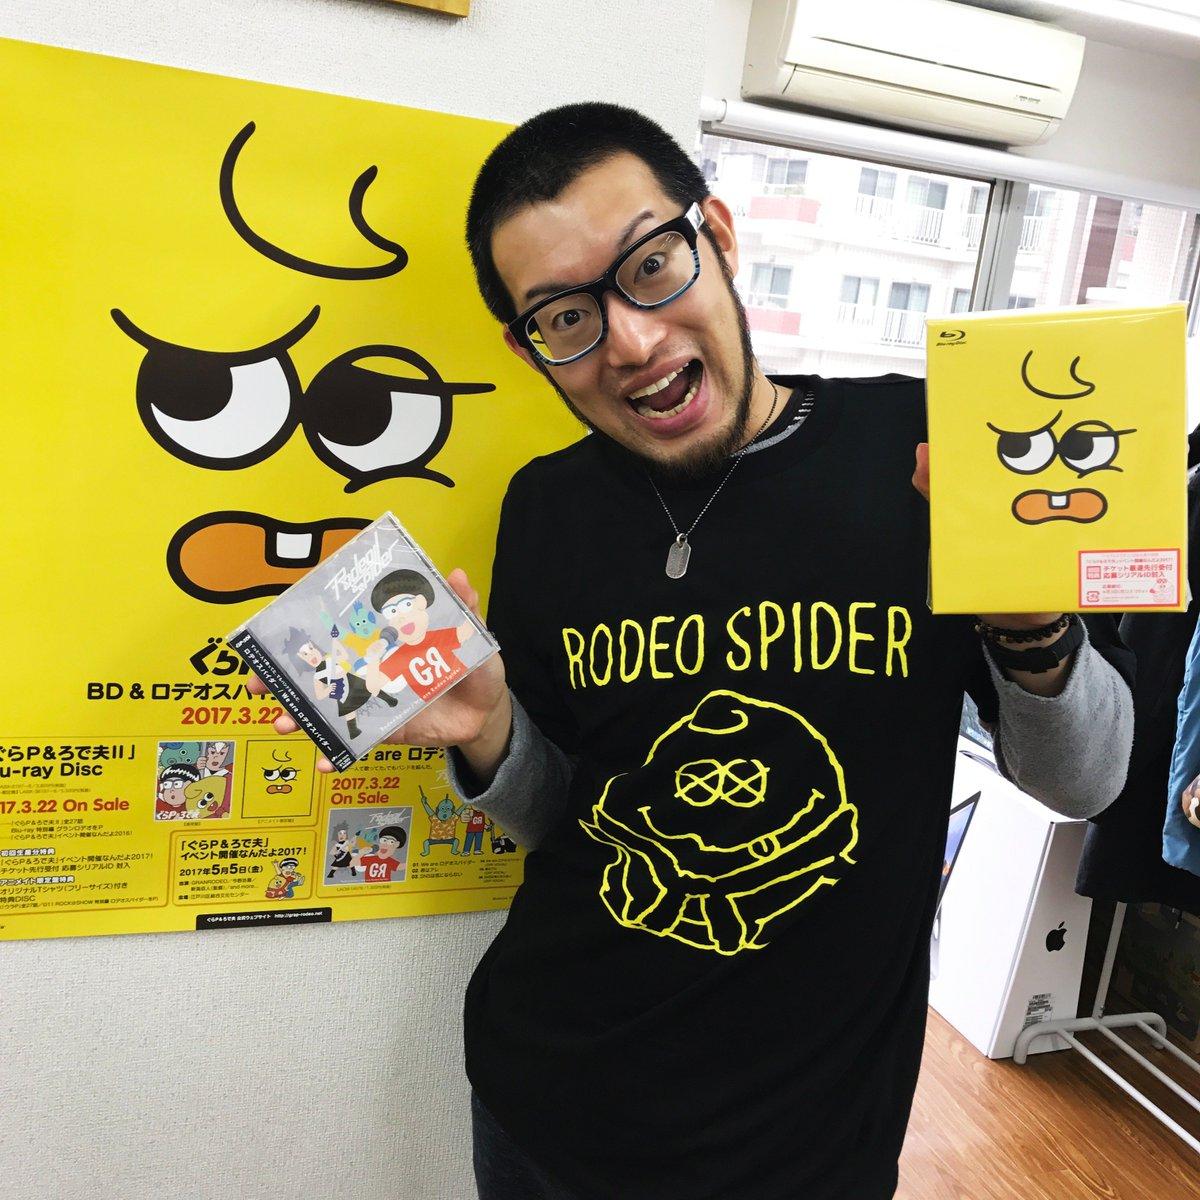 3/22発売の「ぐらP&ろで夫Ⅱ」のブルーレイとCDが届きました。BDアニメイト盤にはTシャツが入っているので着